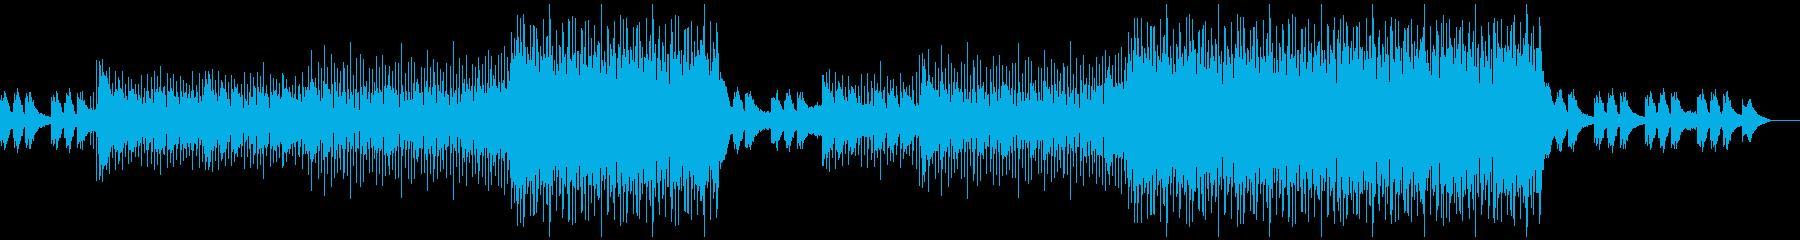 歌もの1(ウエスタン)の再生済みの波形